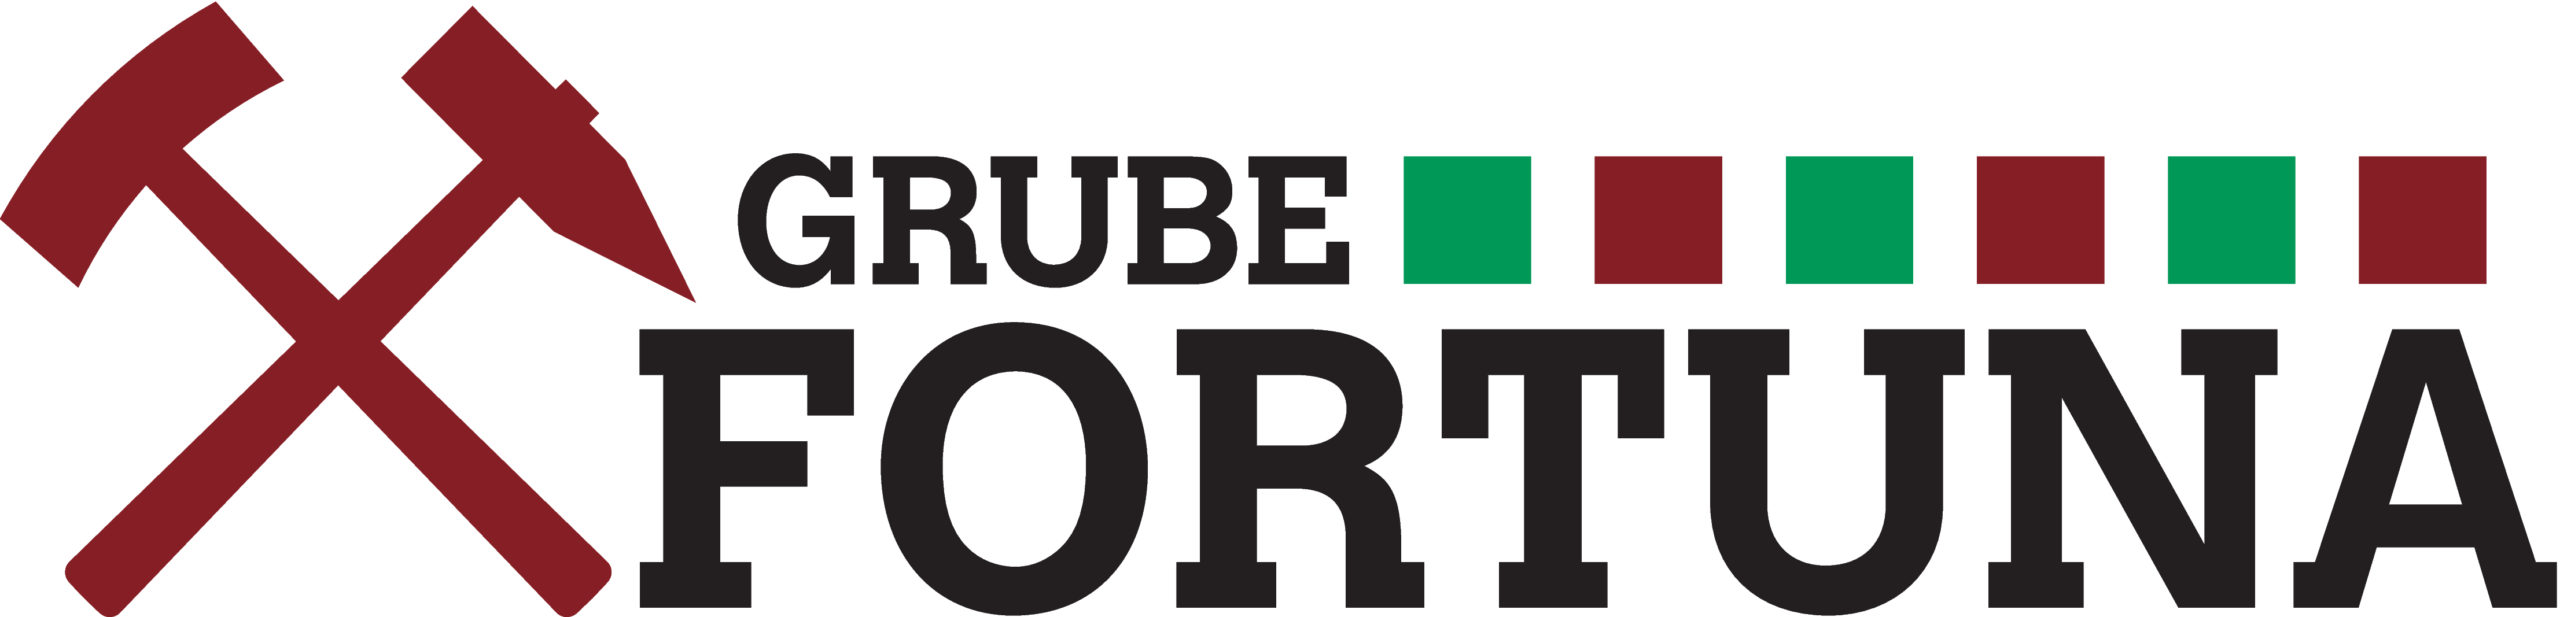 Partner-Logo der Grube Fortuna